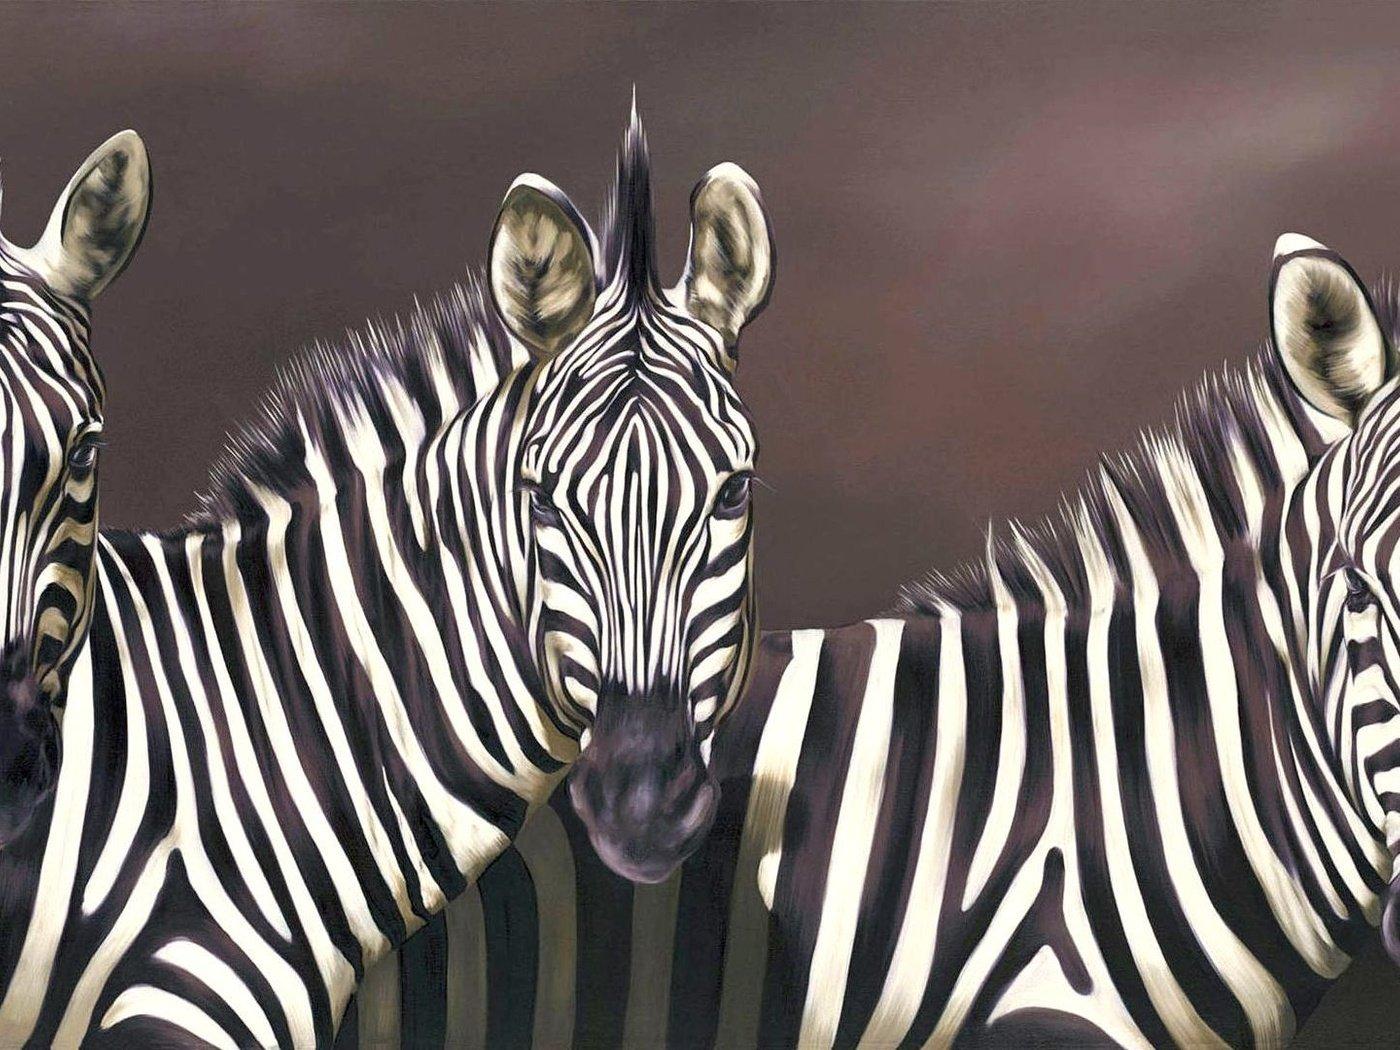 работает, отличное прикольные фотообои зебры для мобилки развлекательного комплекса ведут